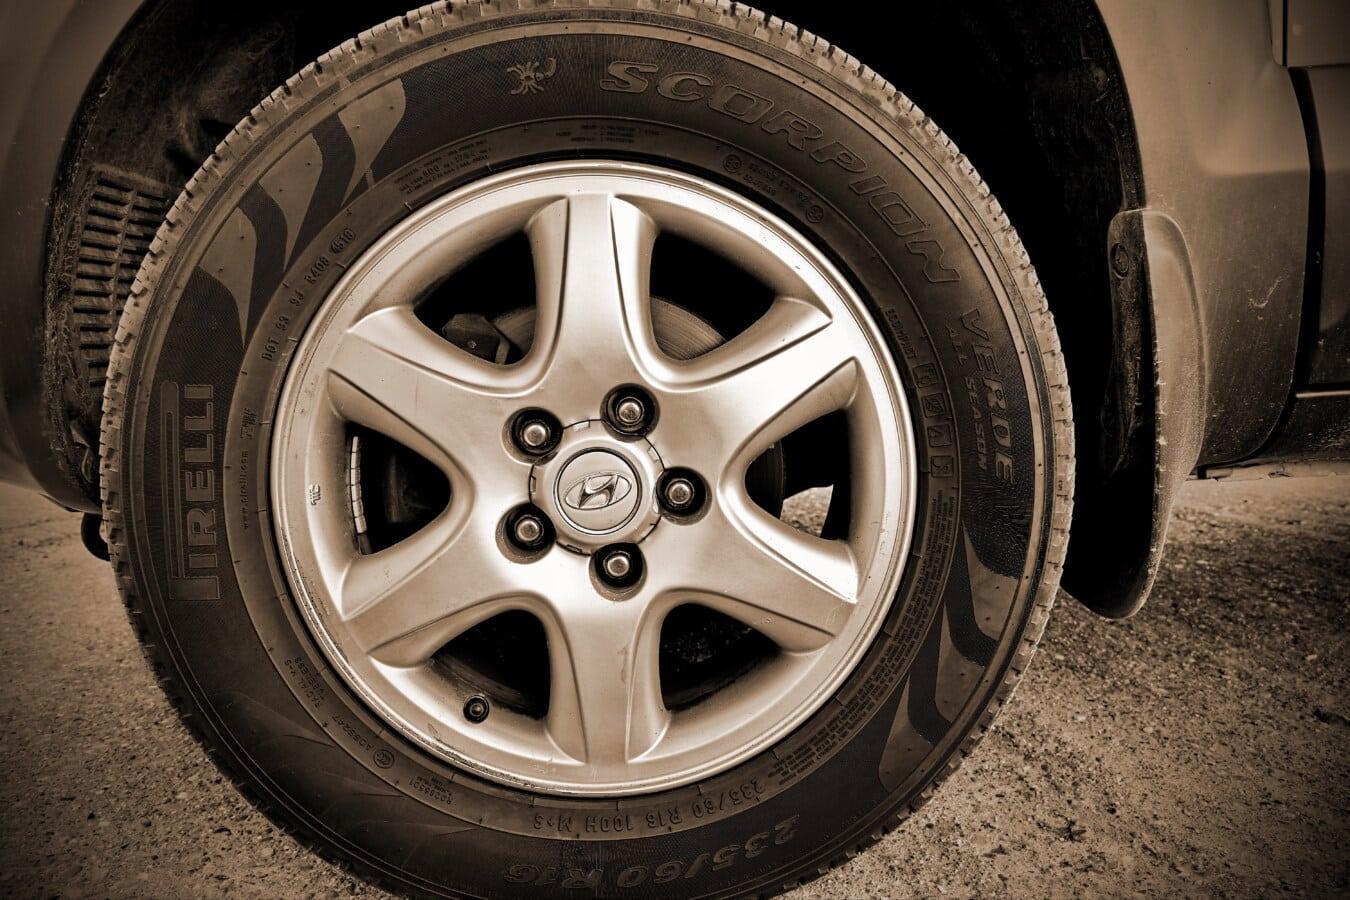 汽车, 轮胎, 棕, 脏, 轮缘, 橡胶, 合金, 近距离, 铝, 径向